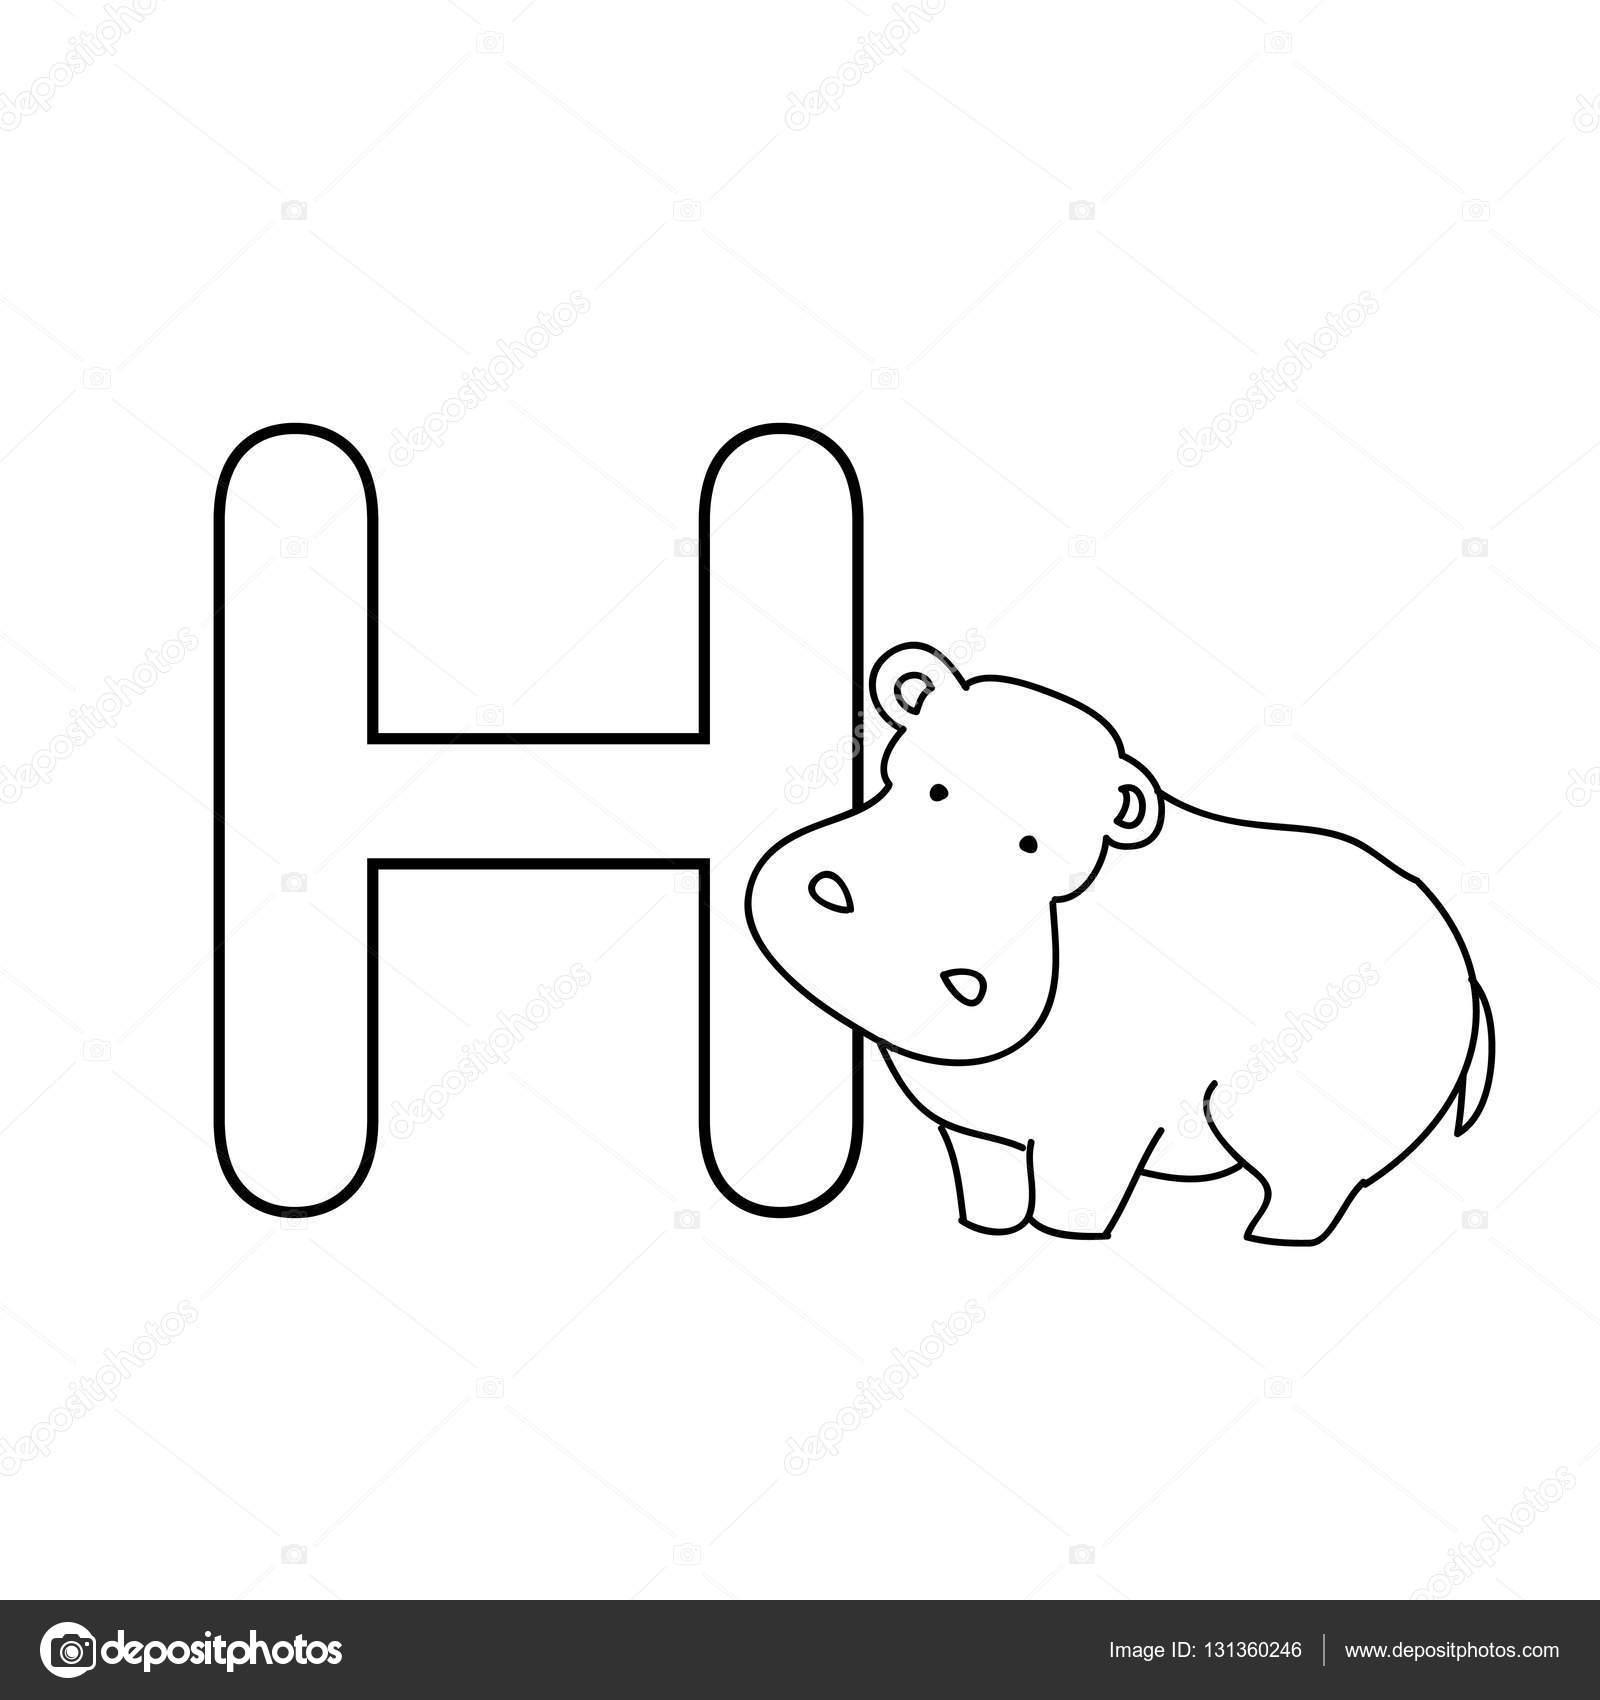 Baby Tiere Alphabet Kinder Malvorlagen — Stockfoto © Nuarevik #131360246